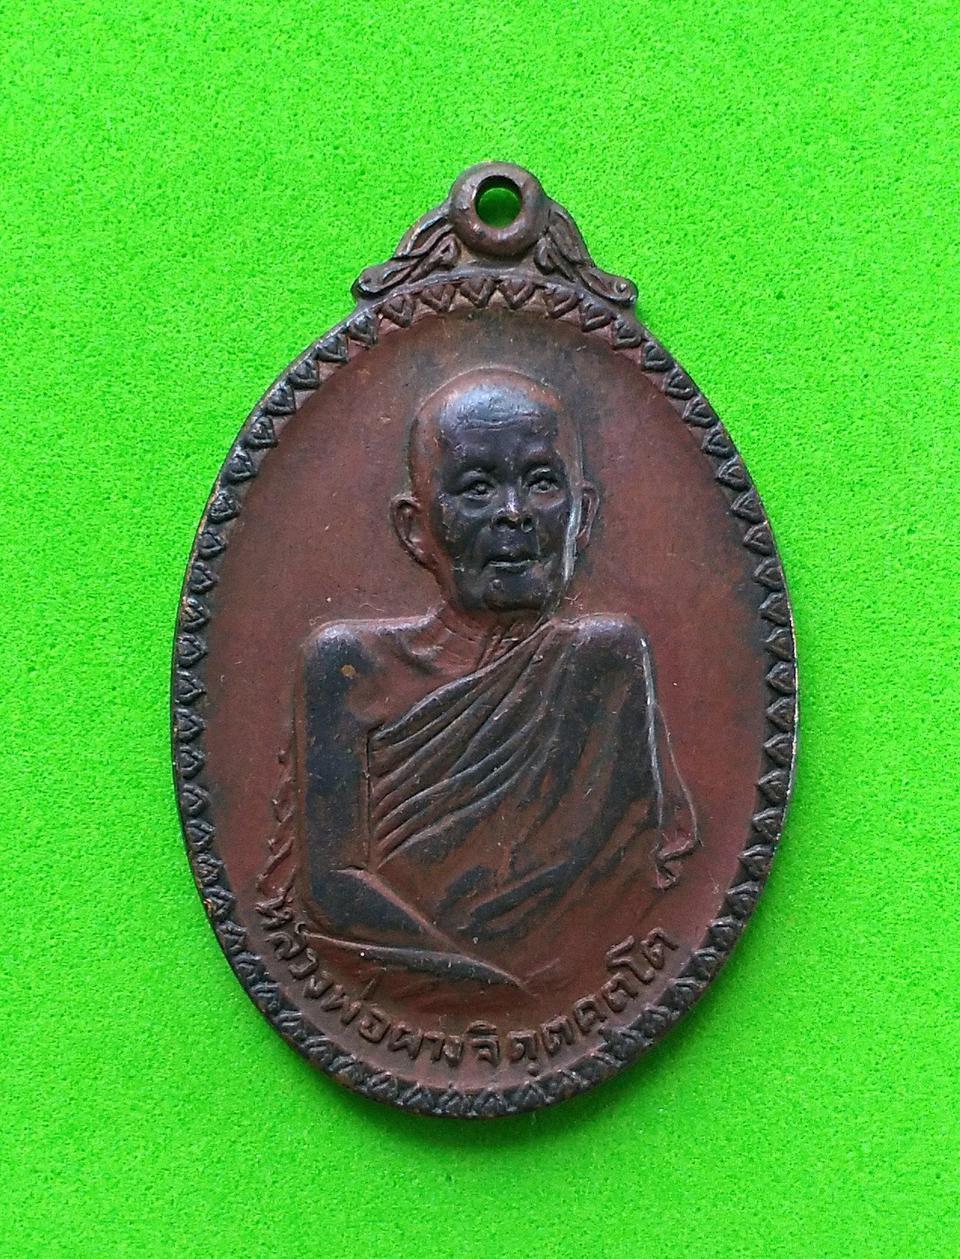 5673 เหรียญหลวงพ่อผาง วัดอุดมคงคาคีรีเขต ปี 2520 รุ่นที่ระลึกสิริอายุ 77  หลังเจดีย์ รูปที่ 1